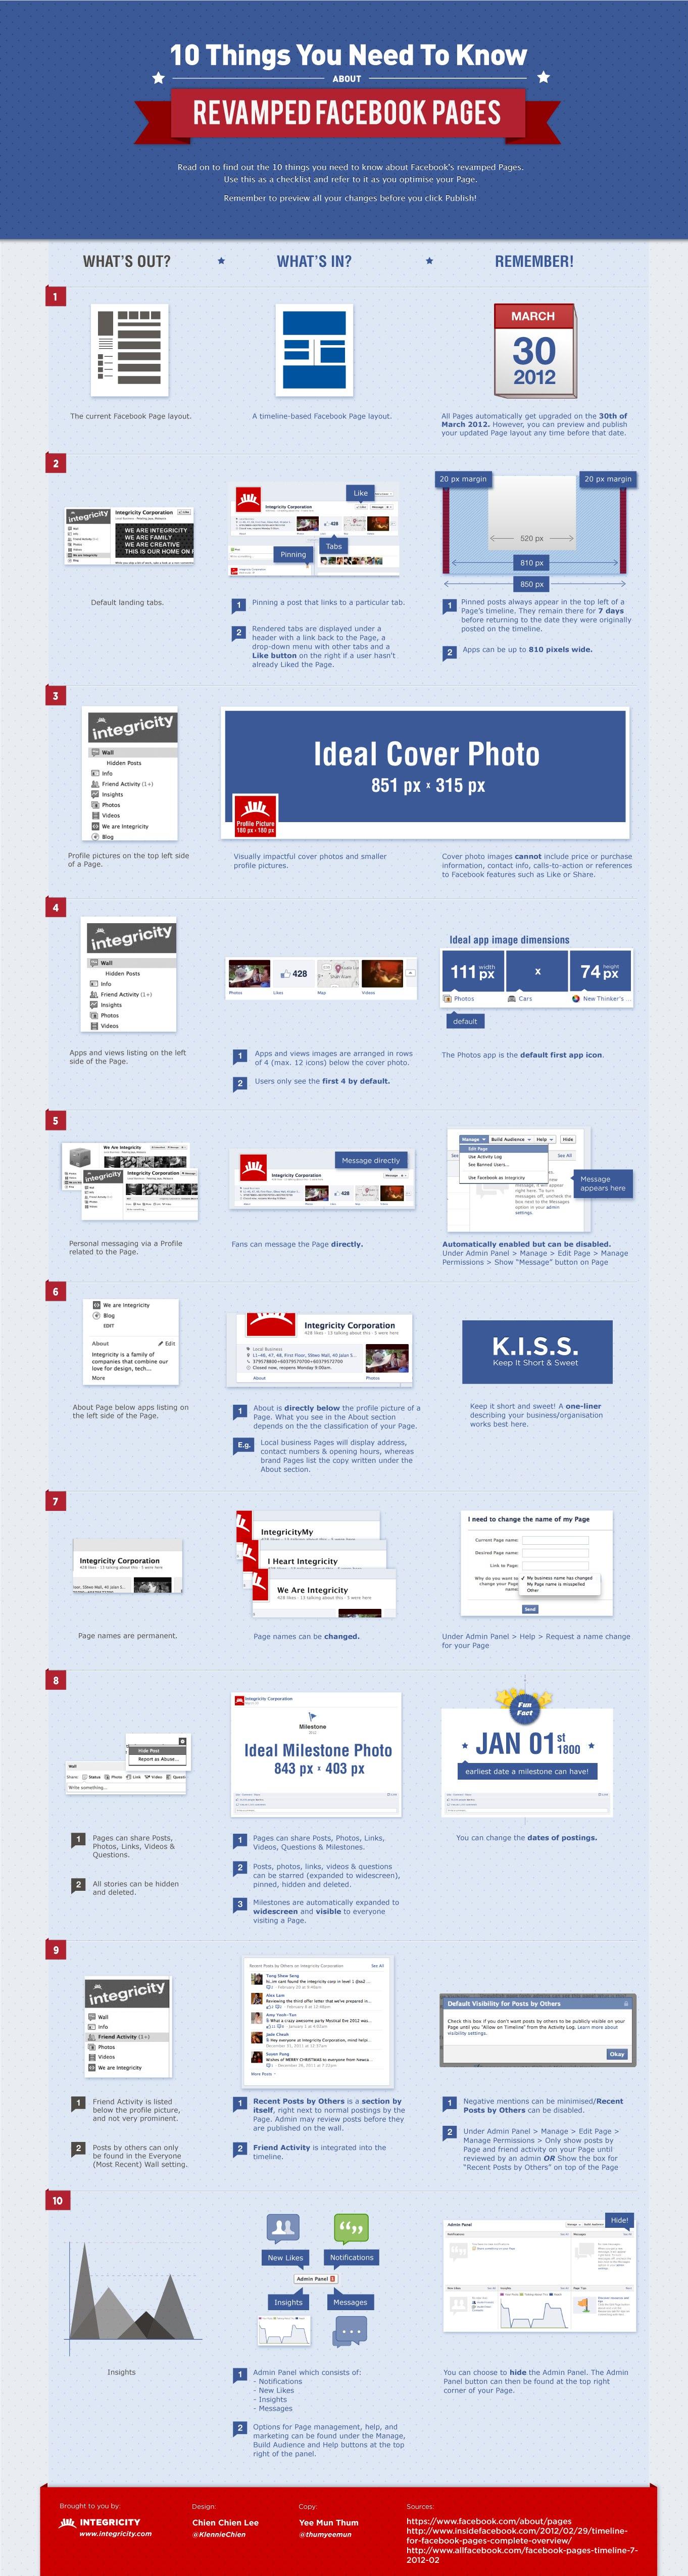 Les pages Facebook en 10 points